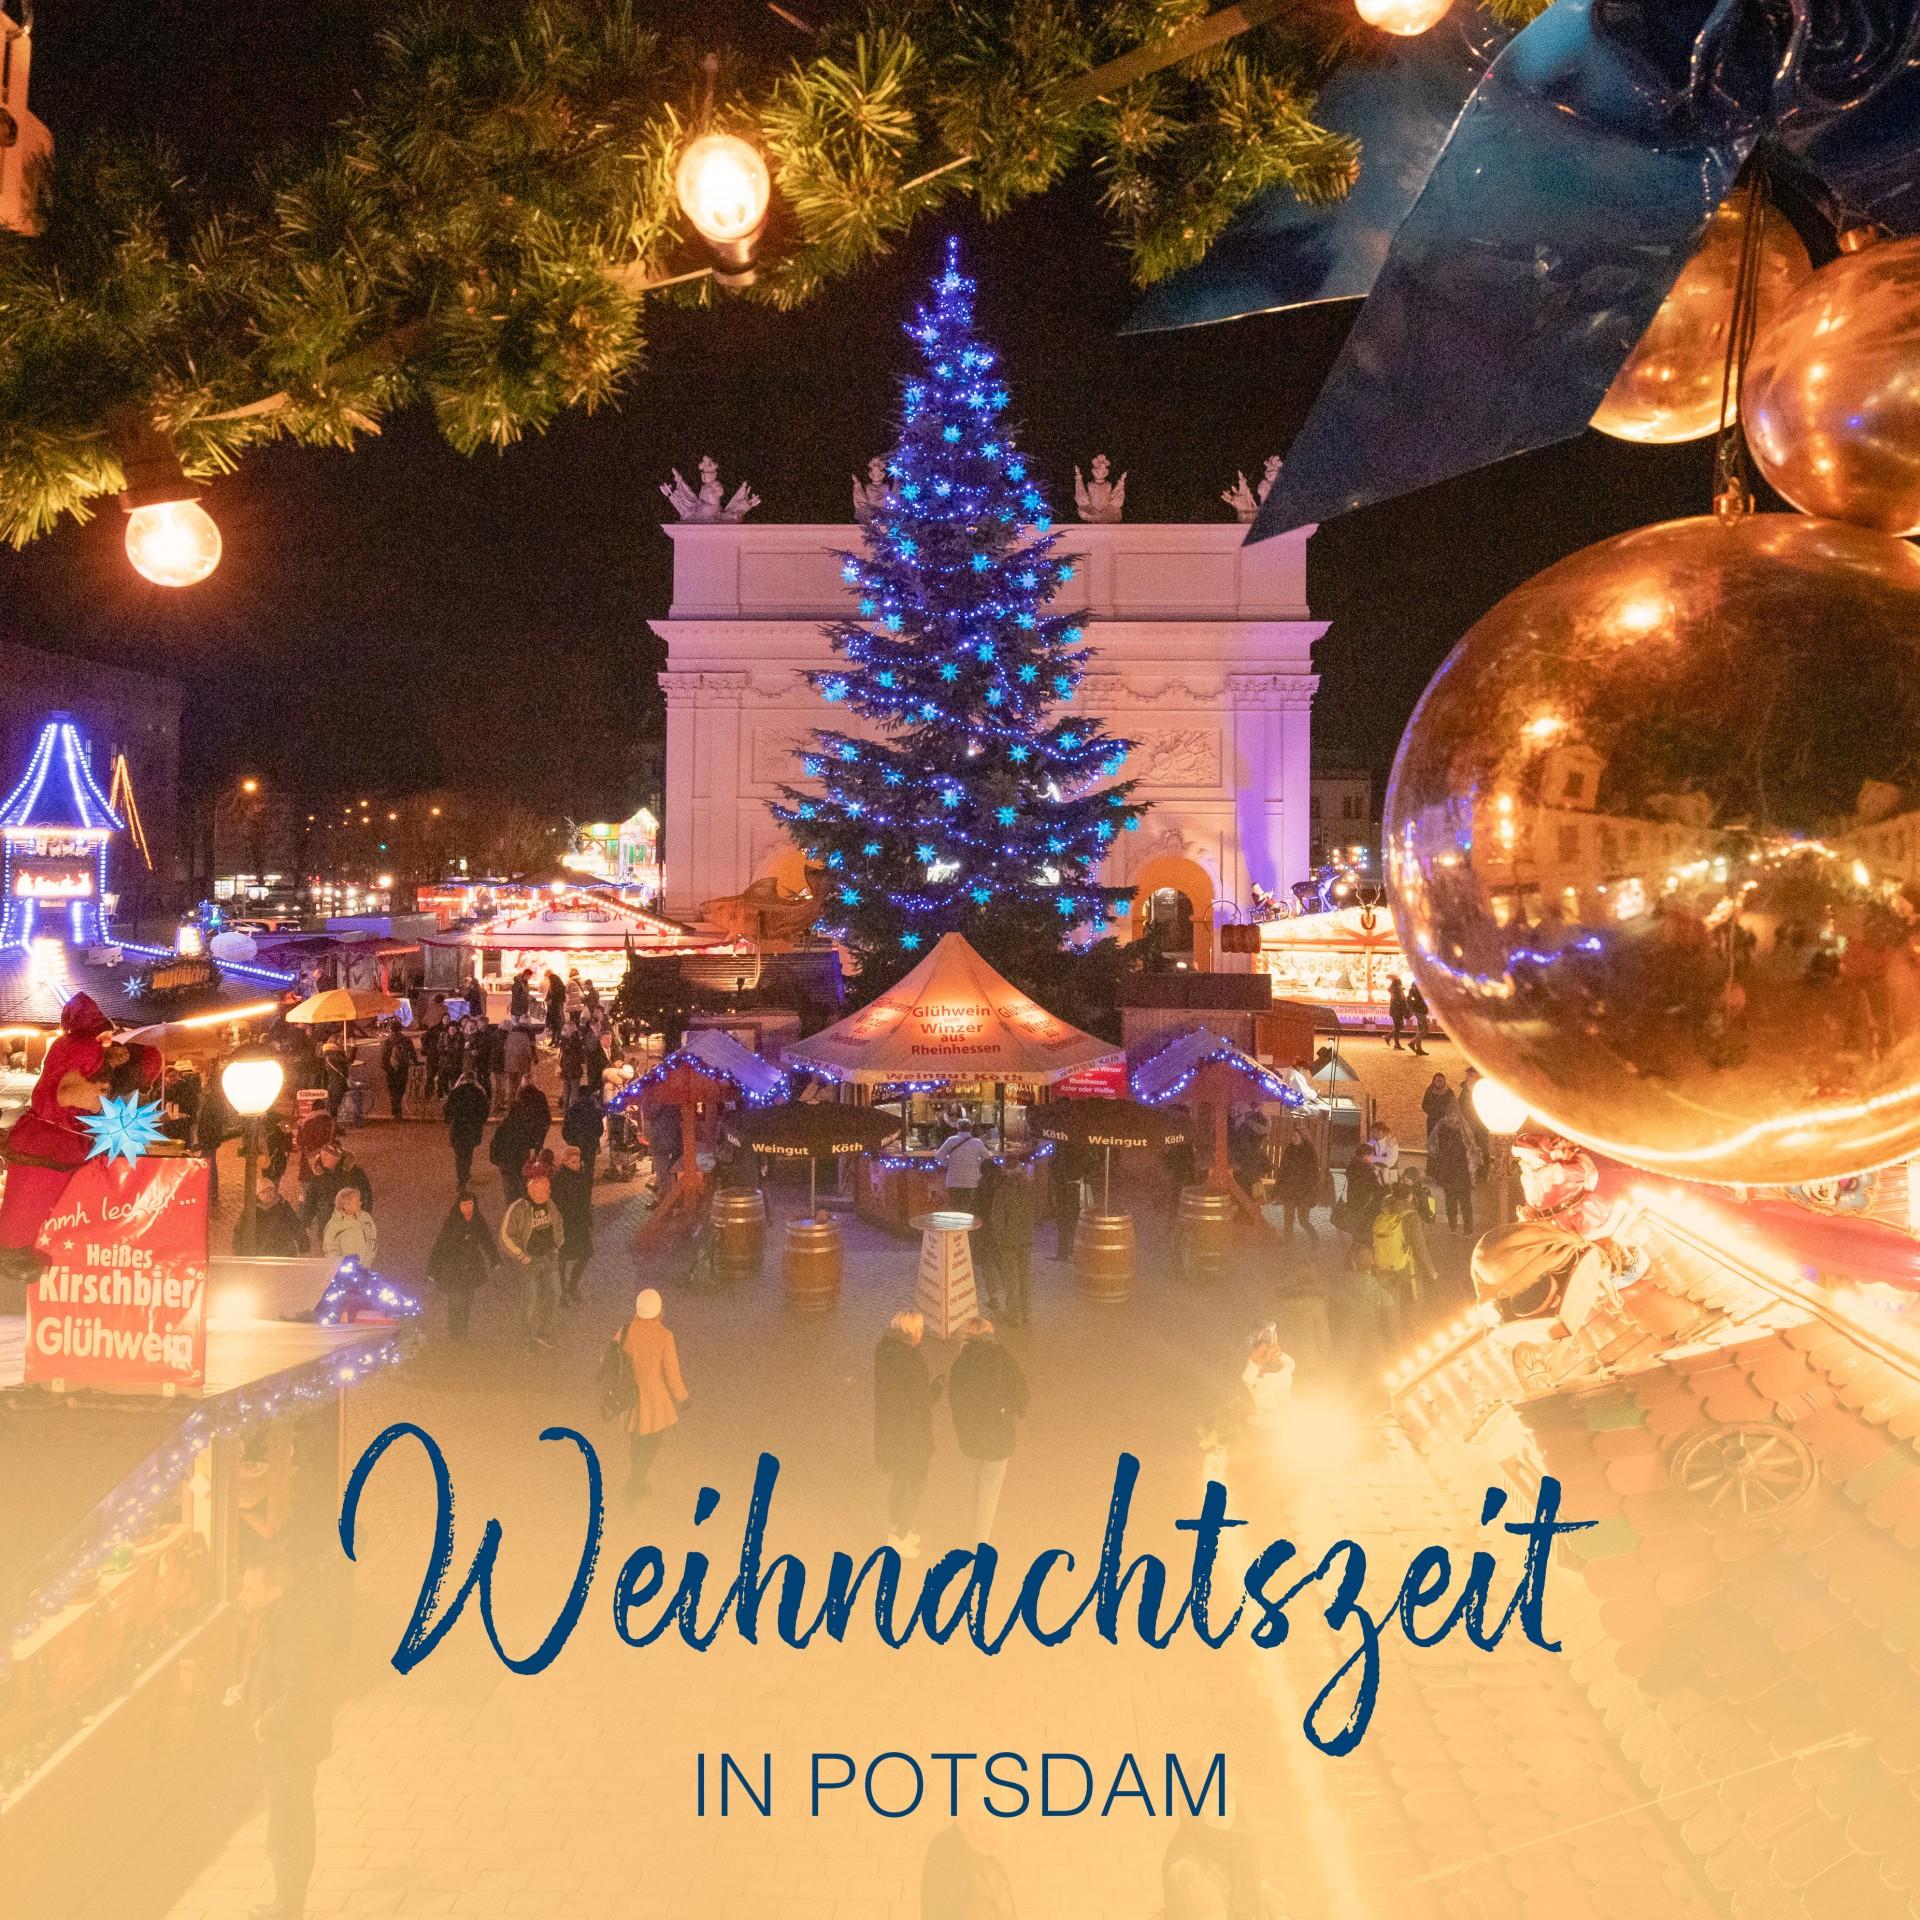 Weihnachtsmärkte und Veranstaltungen zur Adventszeit